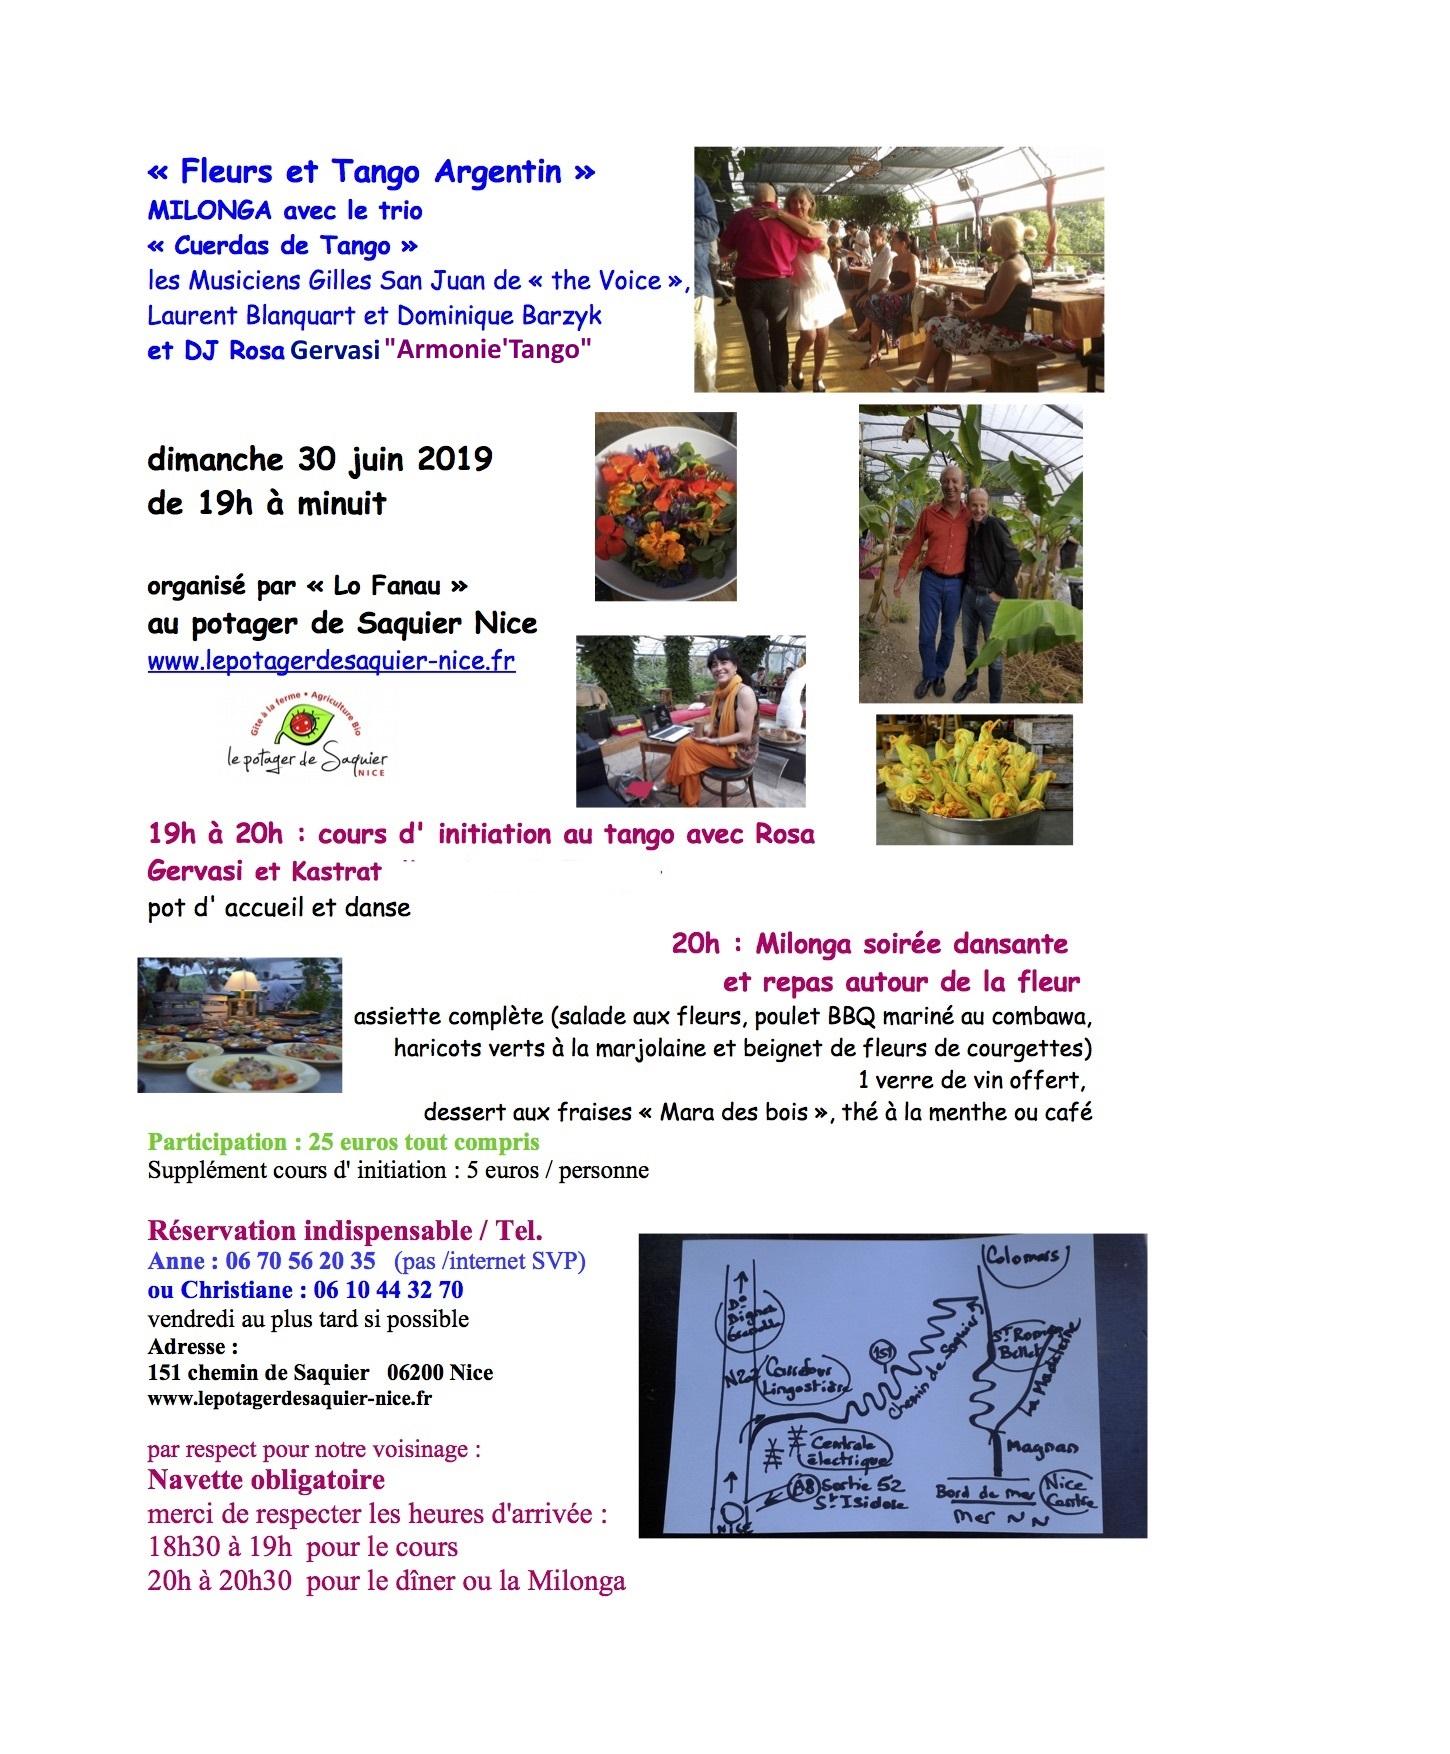 dim 30 juin 2019-Fleurs et Tango Argentin avec Cuerdas de  Tango et Rosa (2).jpg